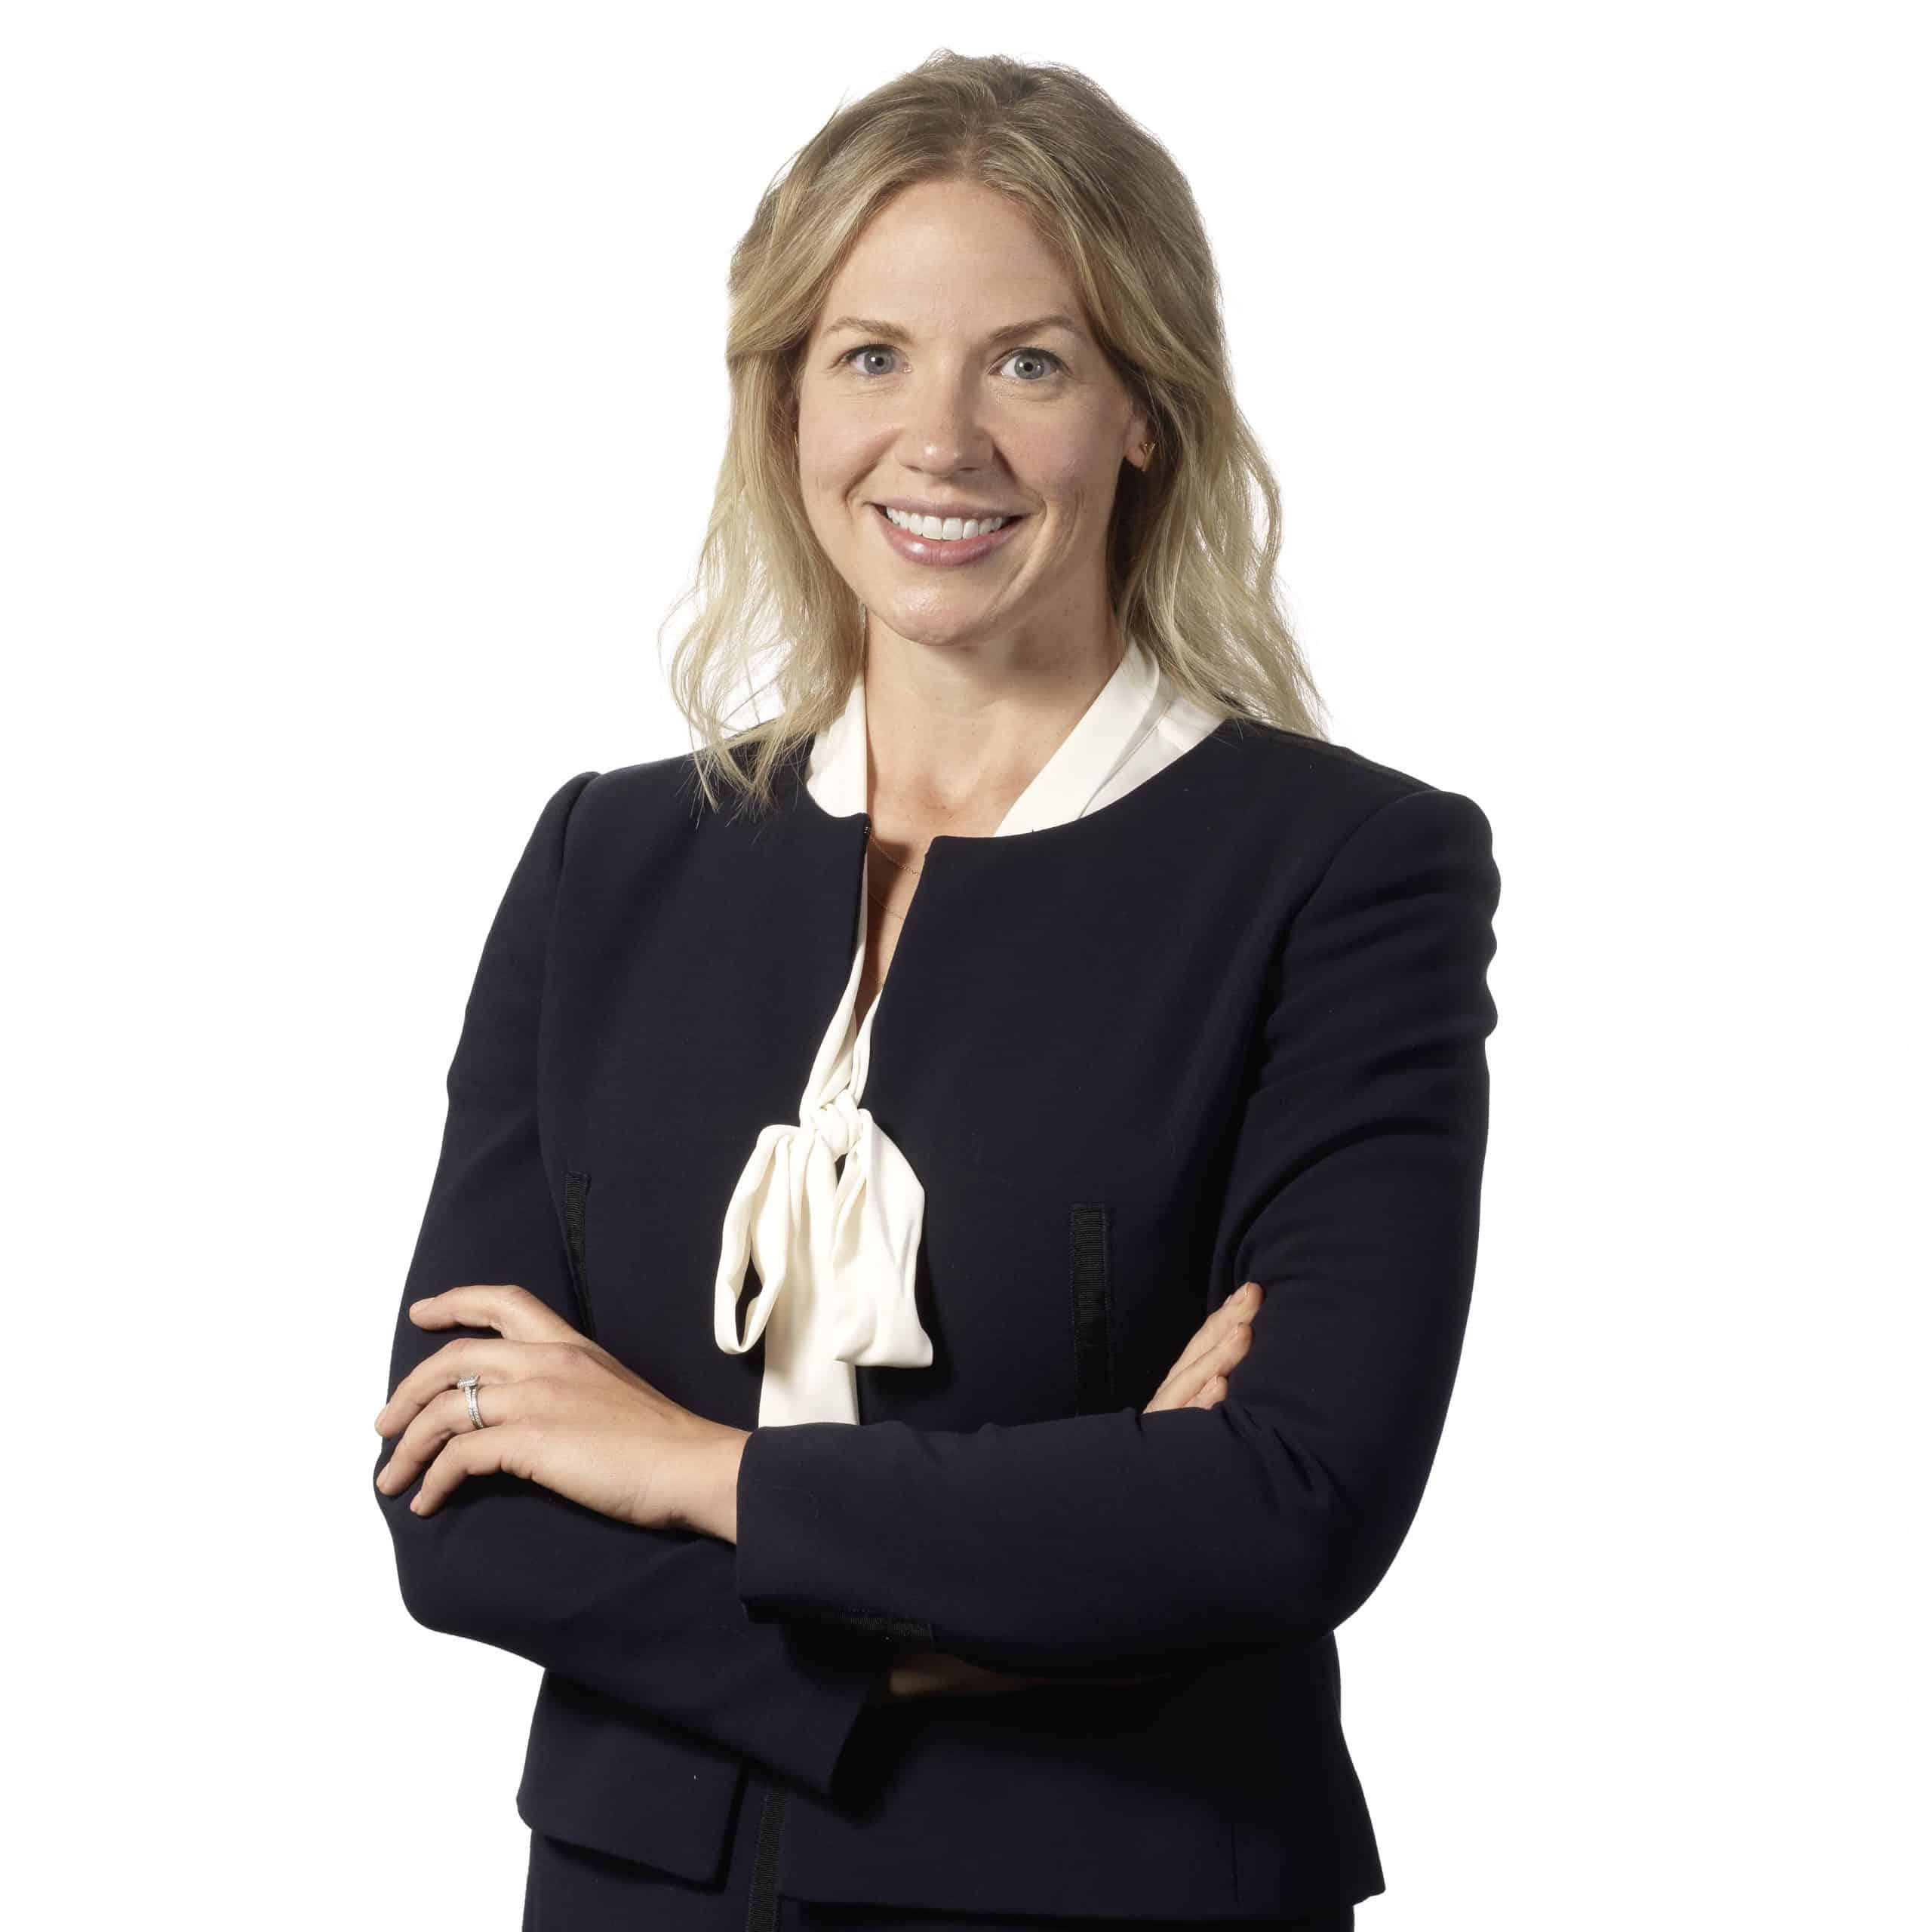 Kate Flitcroft